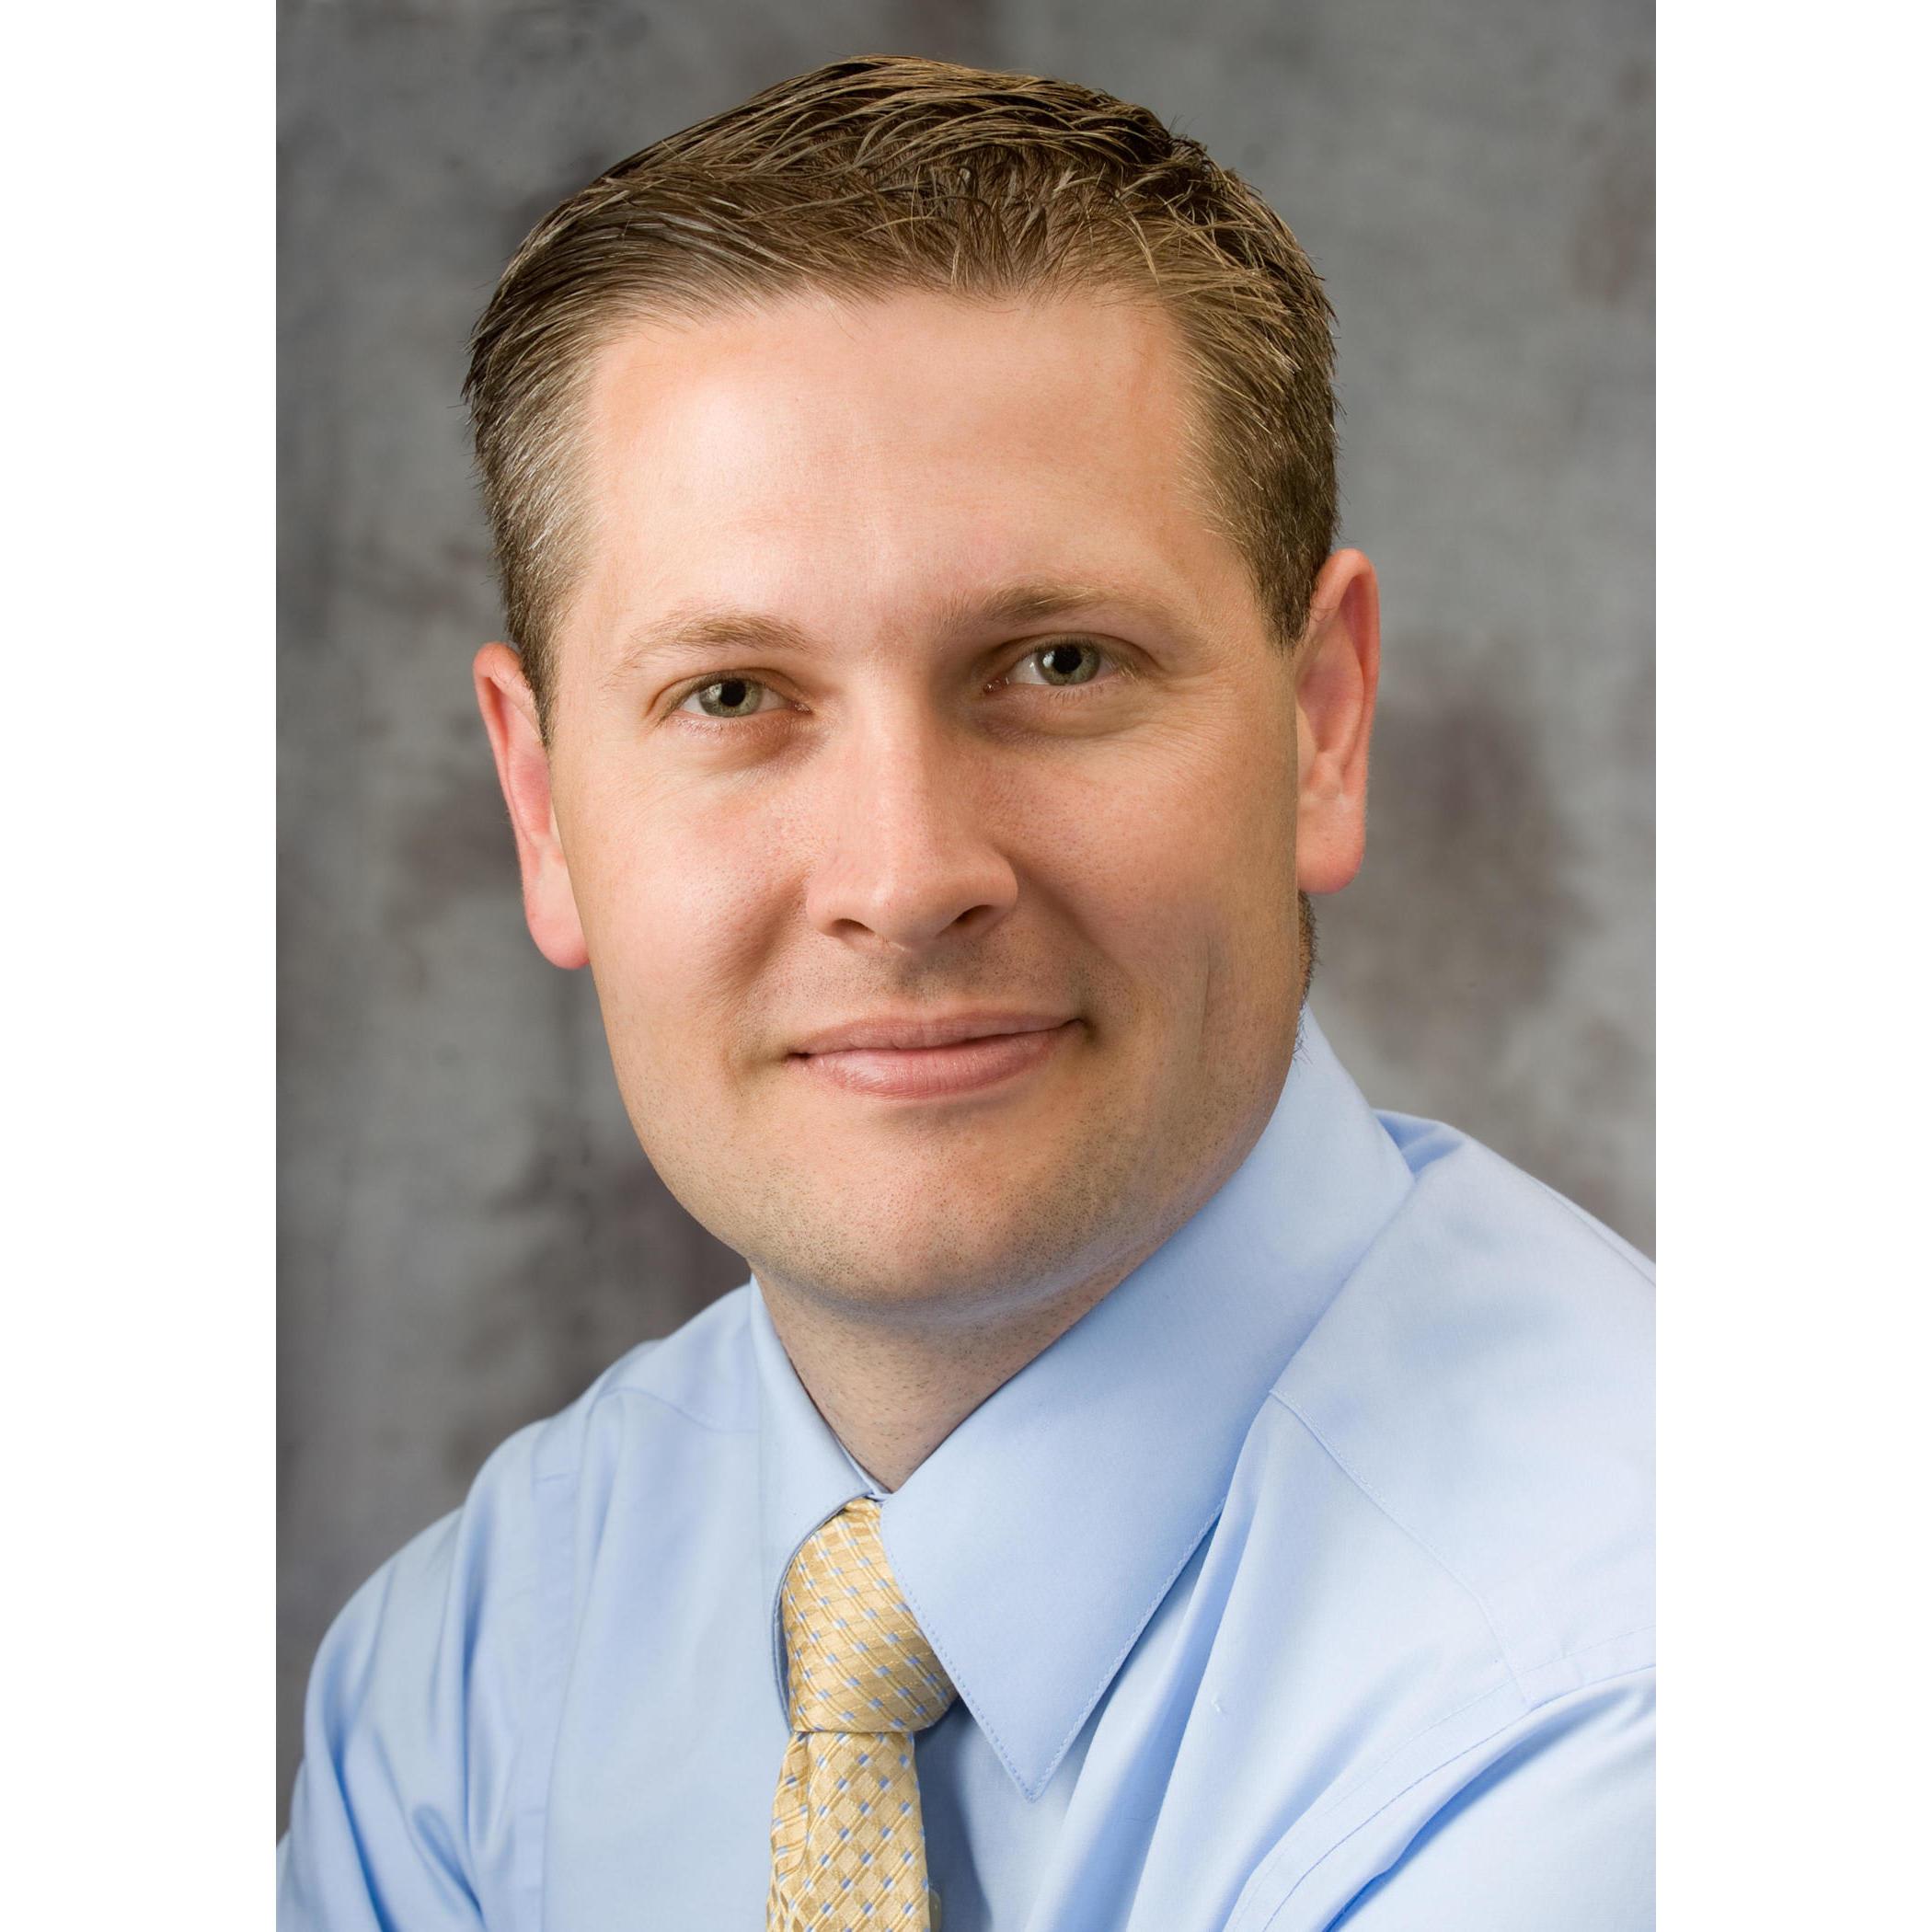 Jared J Lund, MD Dermatology